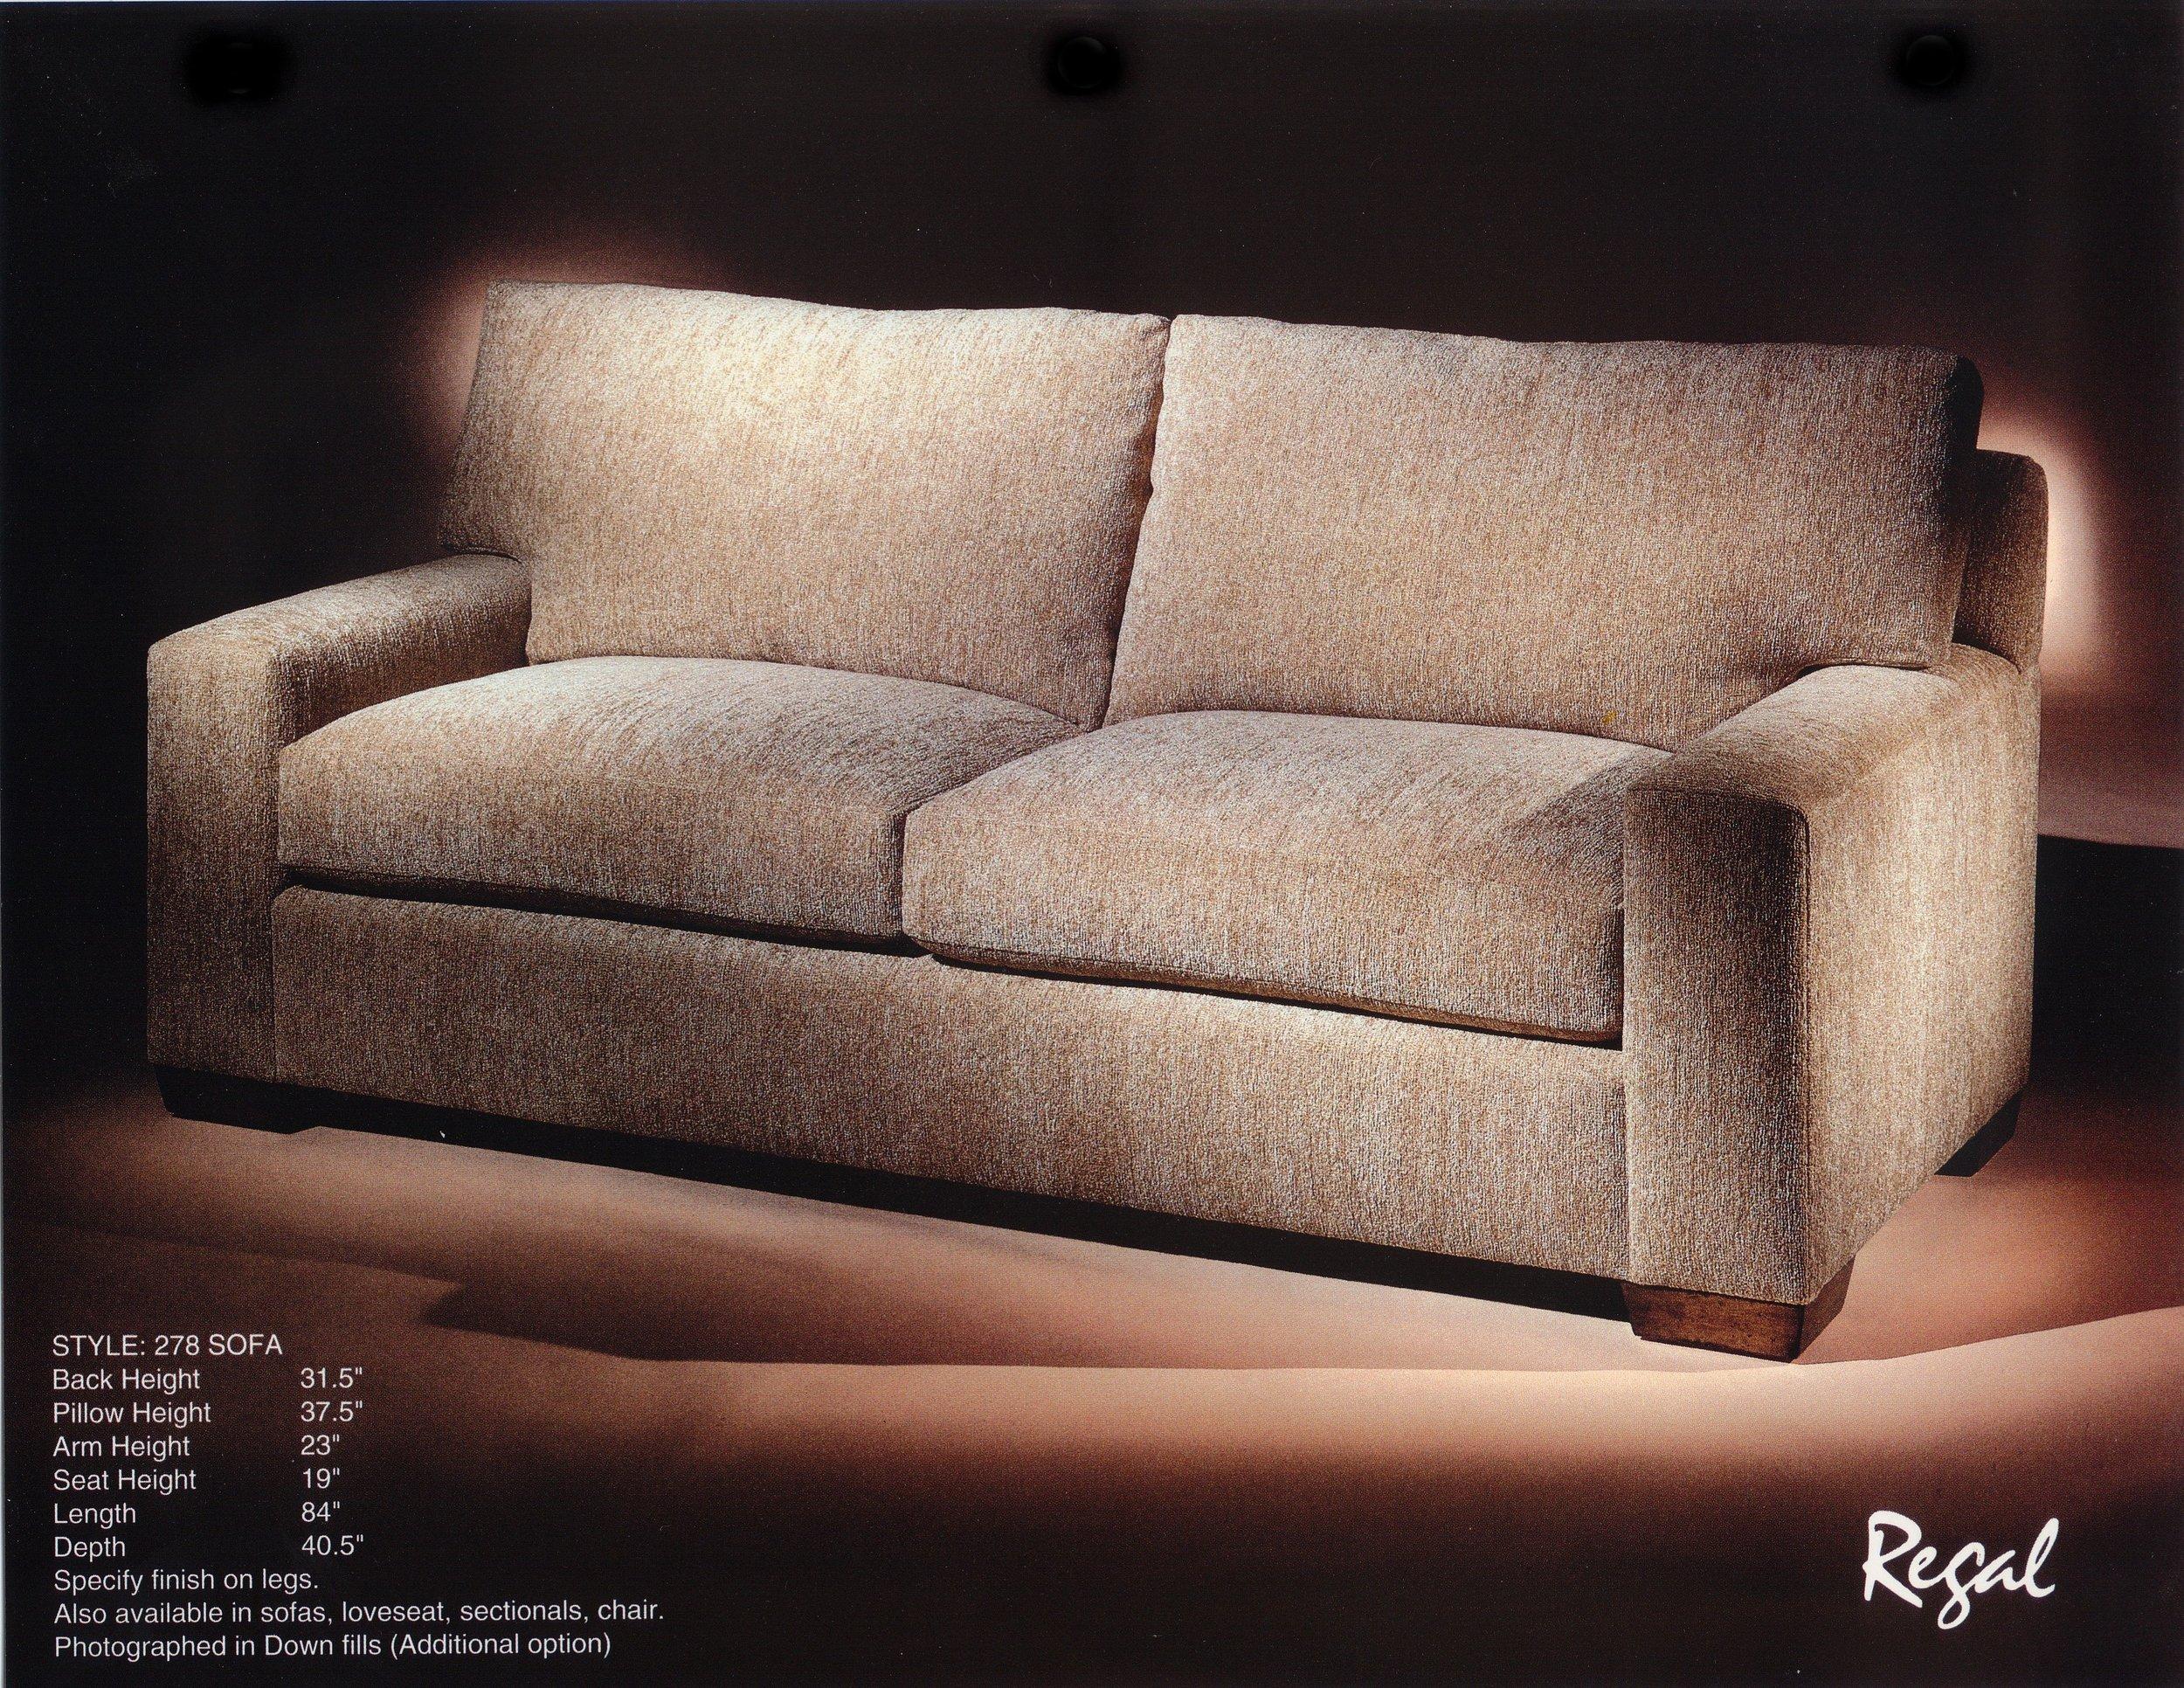 278 Sofa.jpg